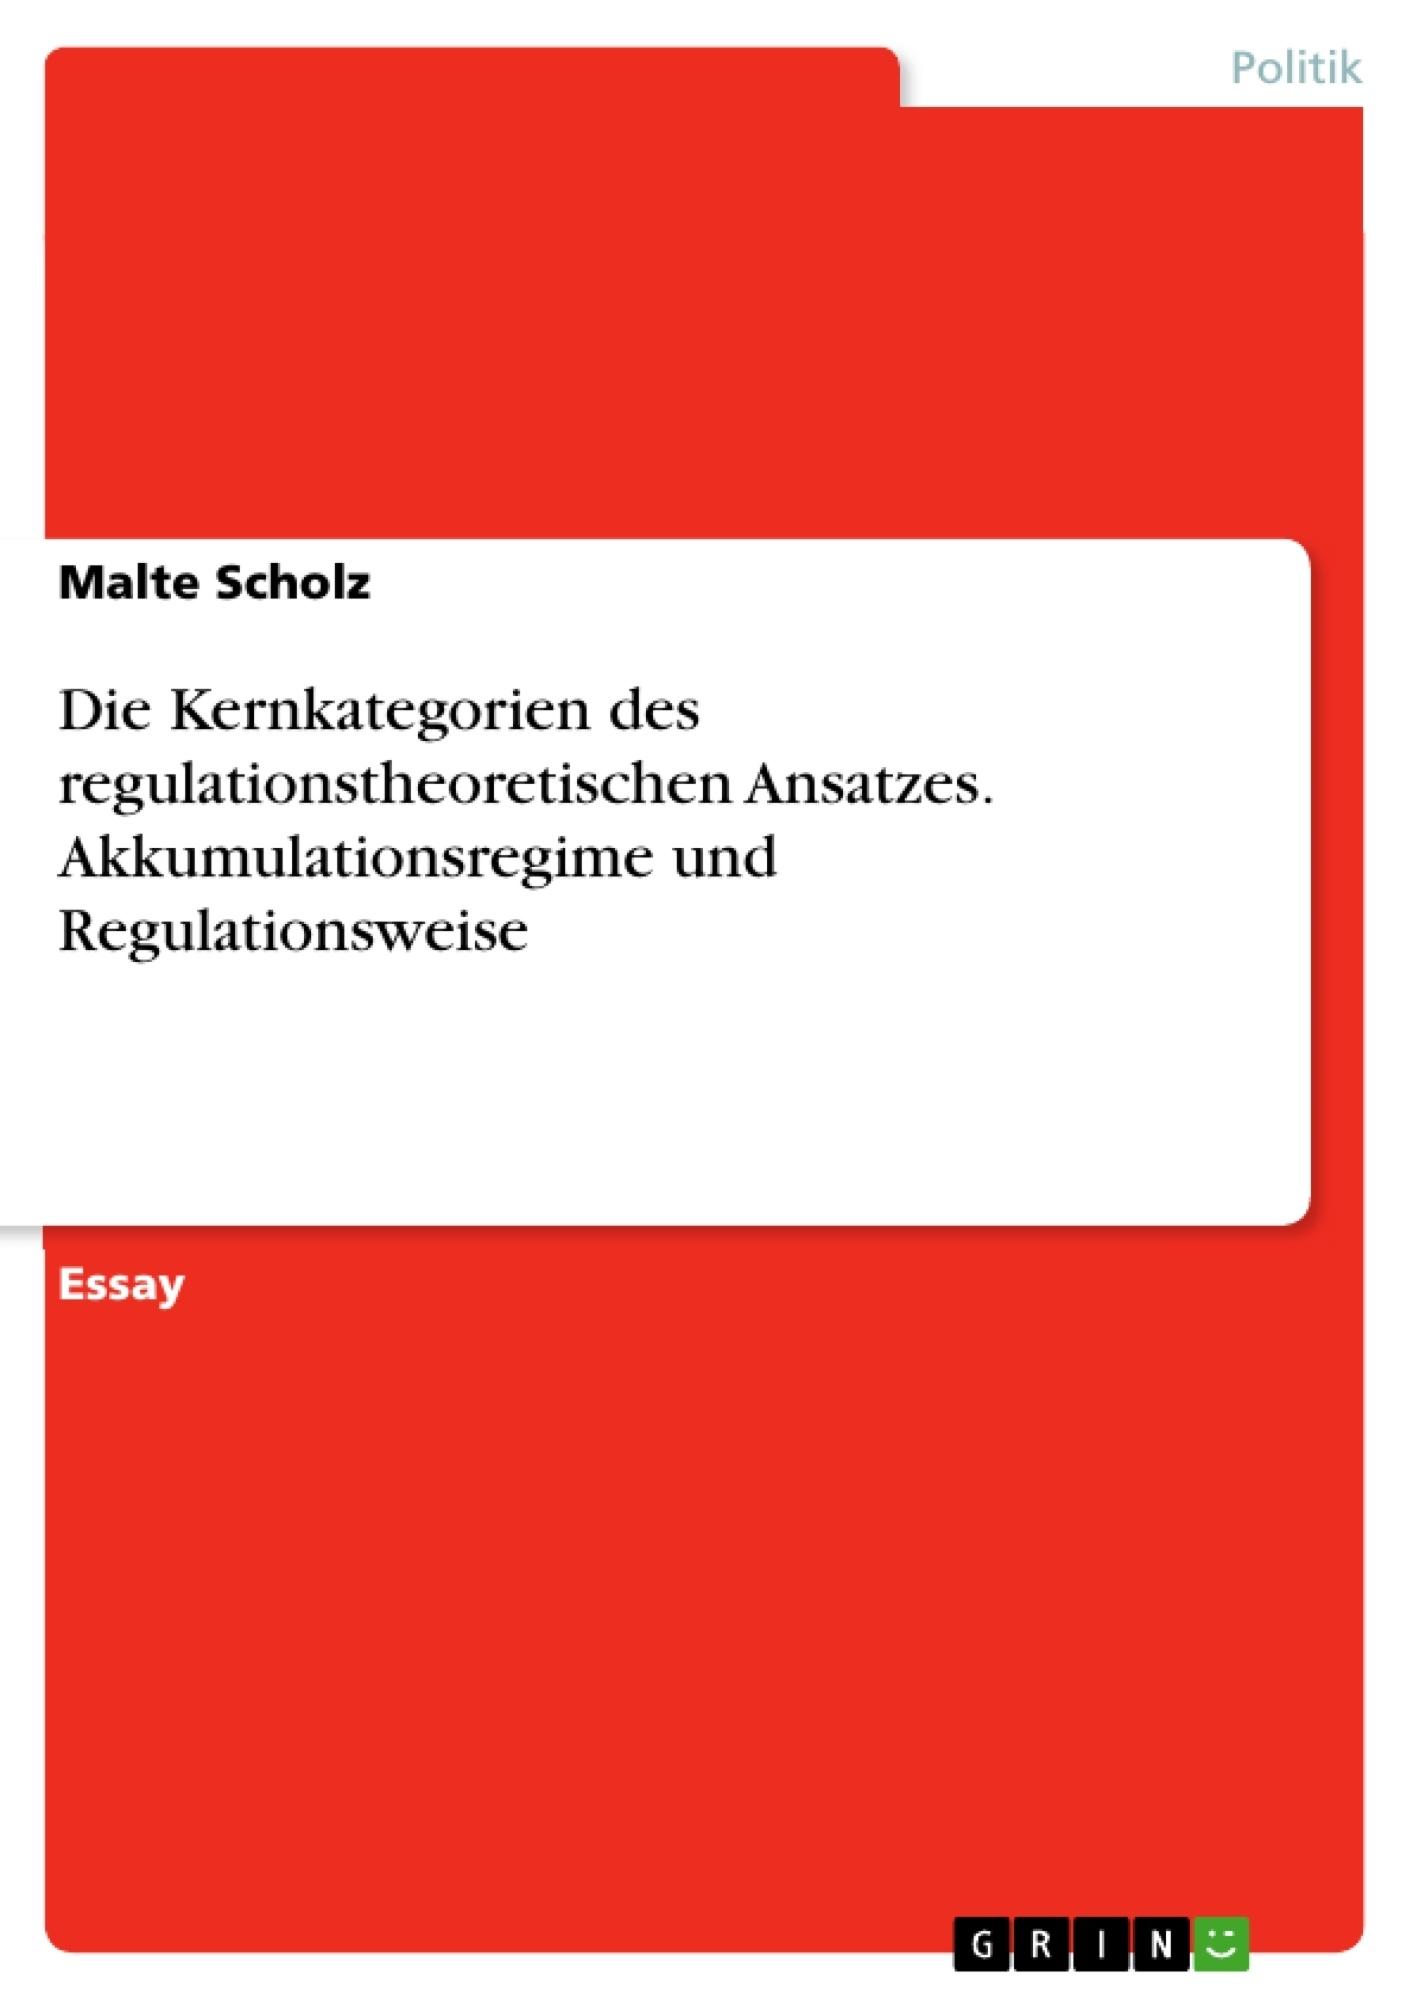 Titel: Die Kernkategorien des regulationstheoretischen Ansatzes. Akkumulationsregime und Regulationsweise